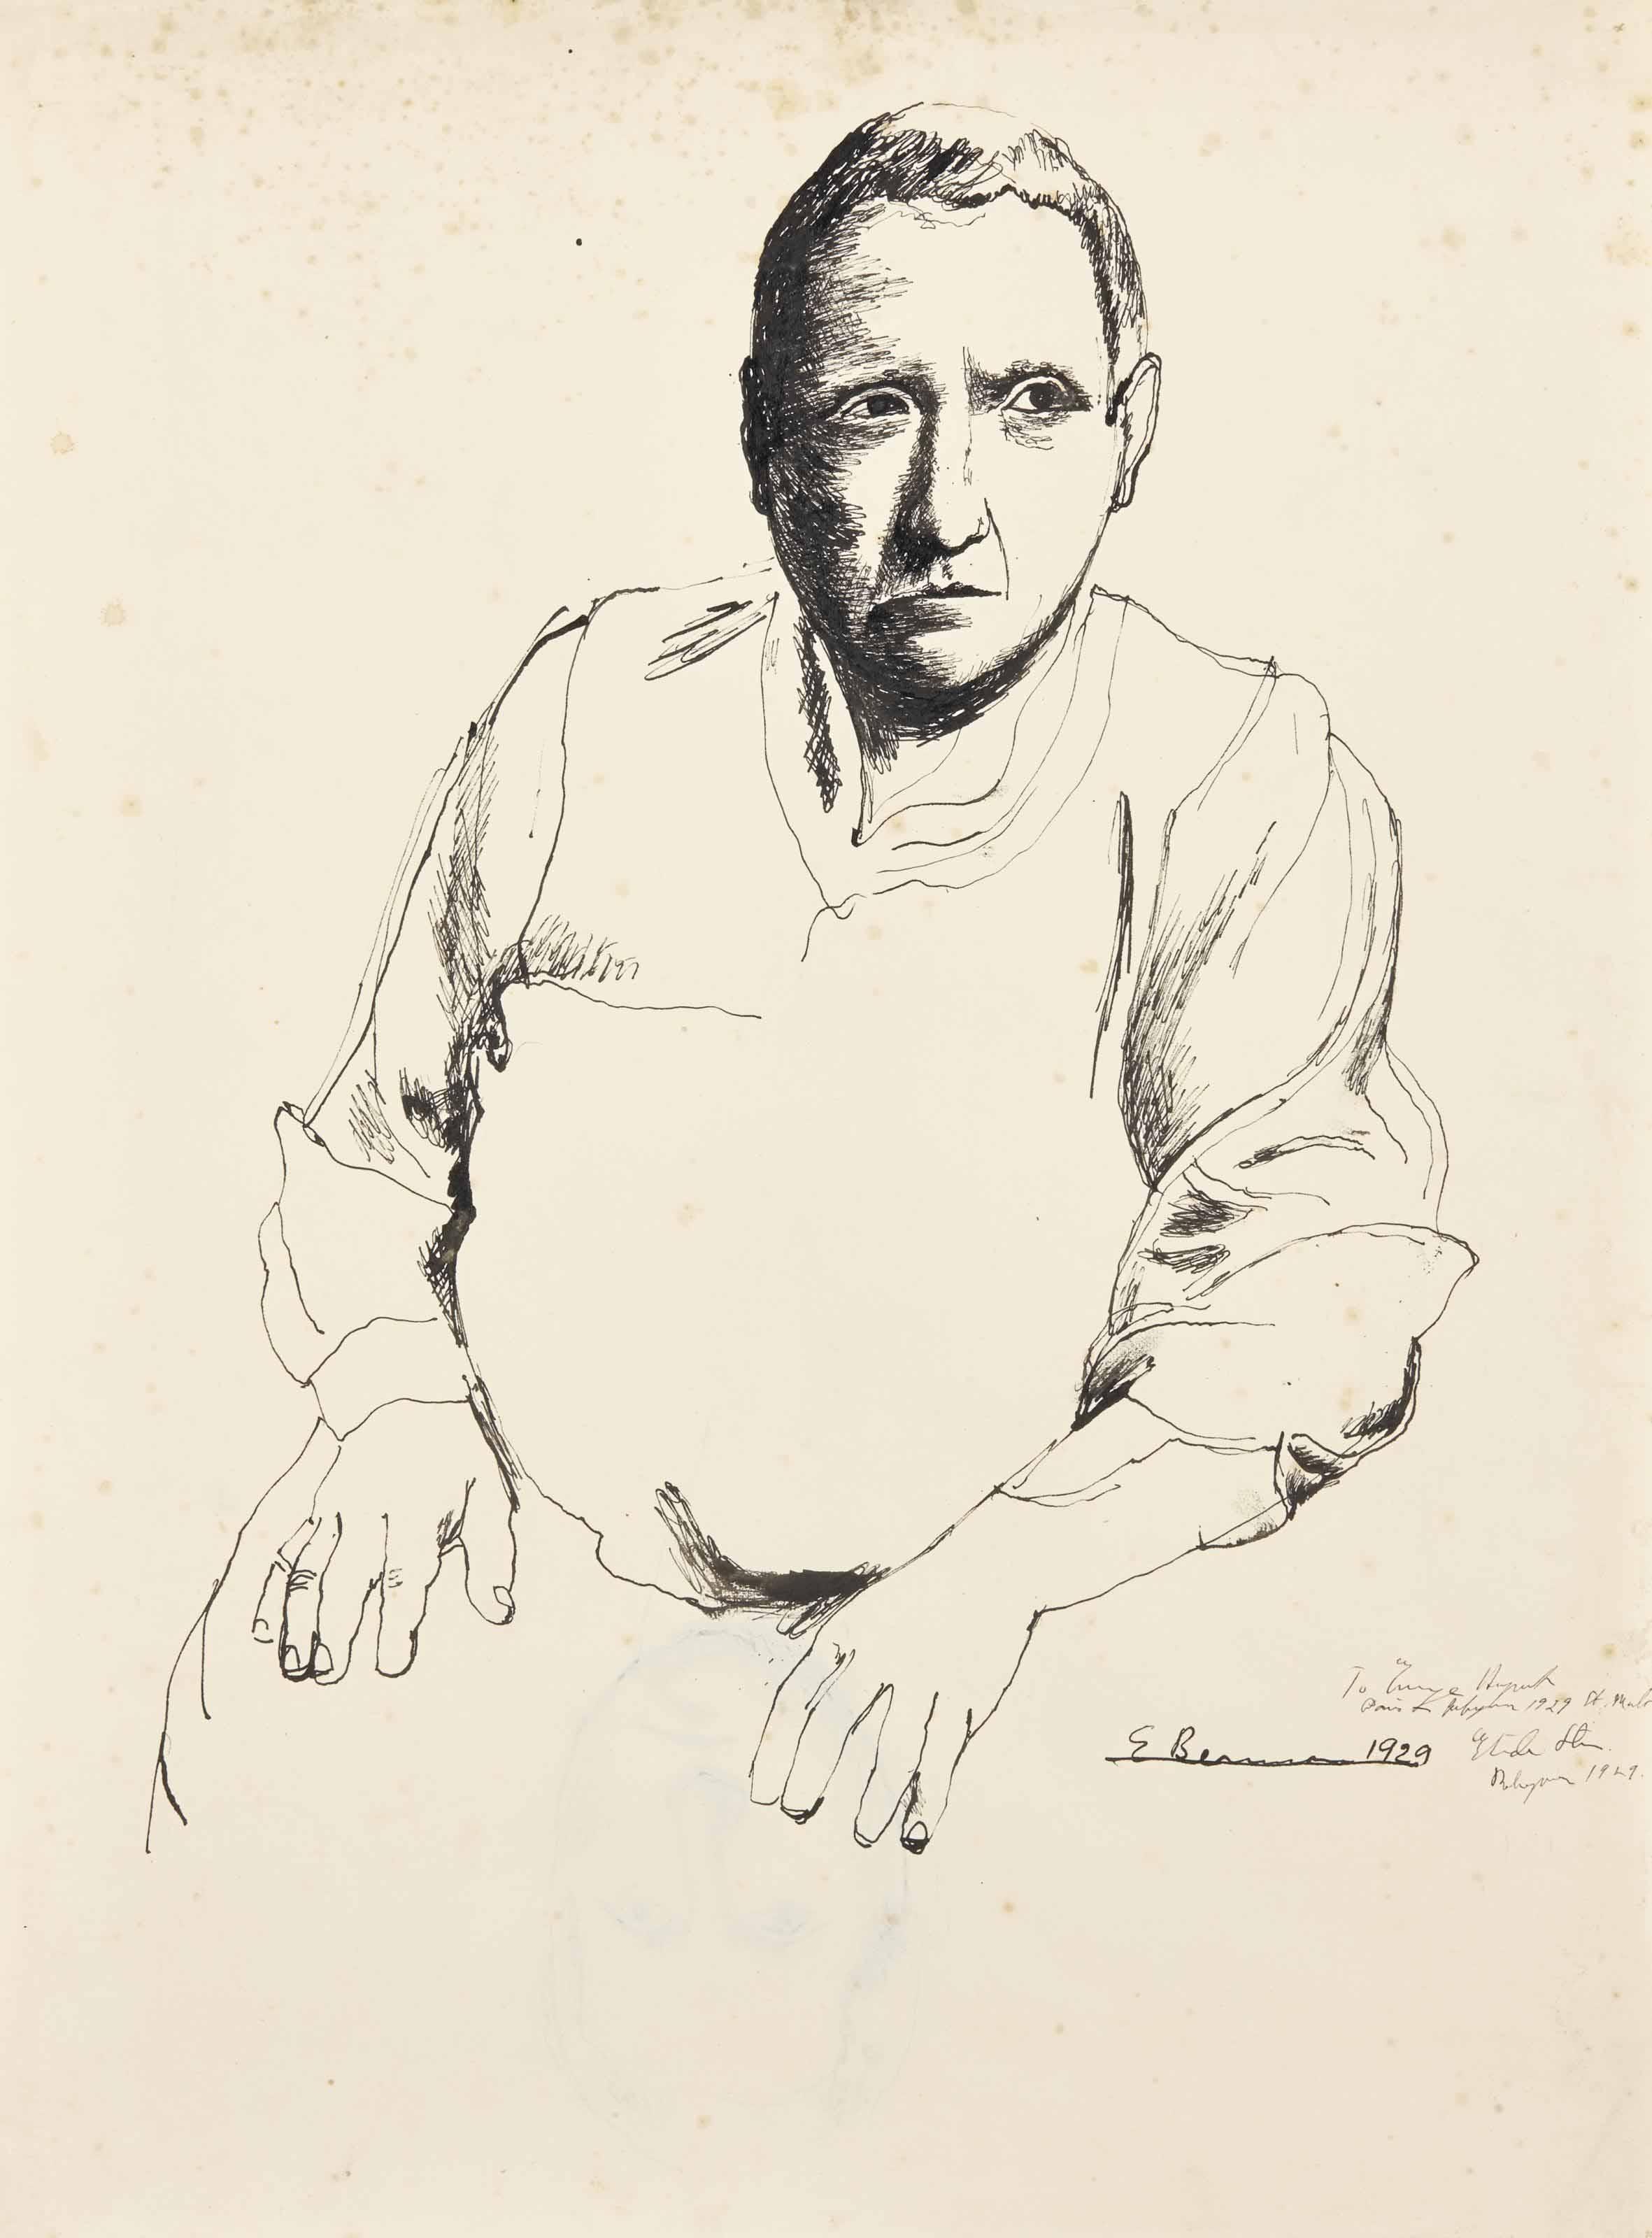 Portrait de Gertrude Stein (recto); Etude pour le portrait de Gertrude Stein (verso)